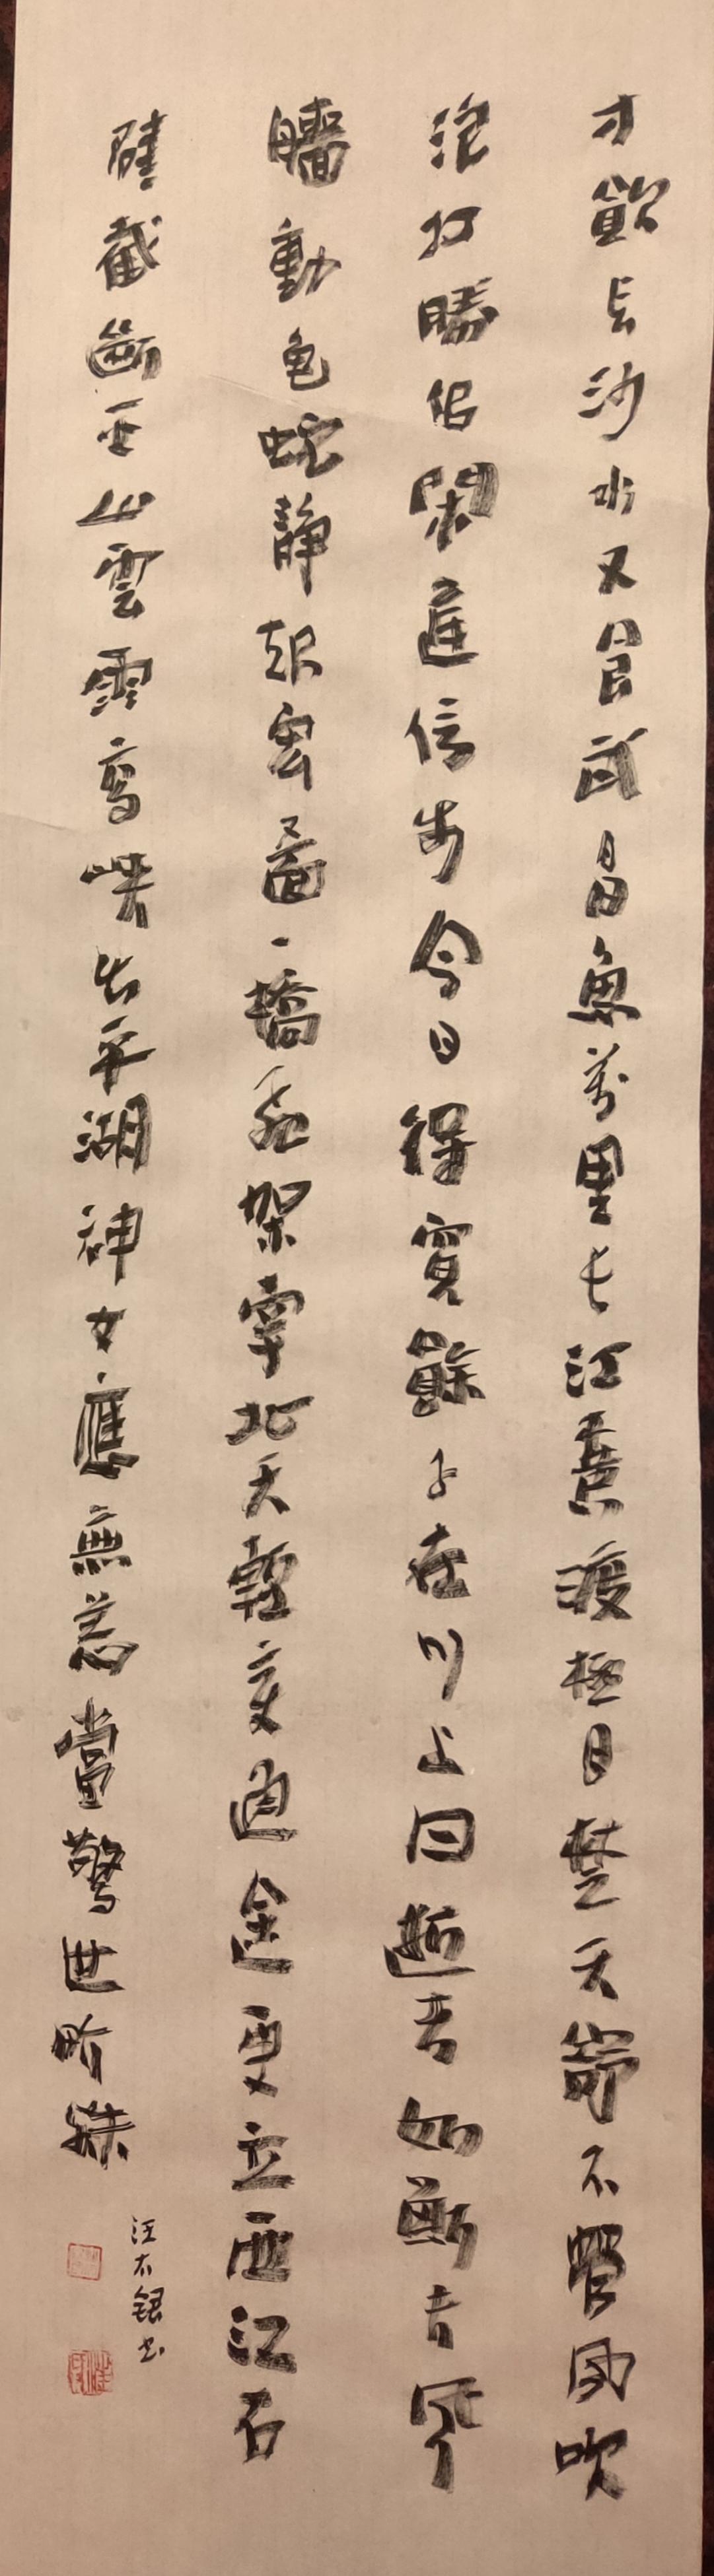 """中国好人汪太银藏头诗""""能经天磨成铁汉,不遭人妒是庸人"""""""